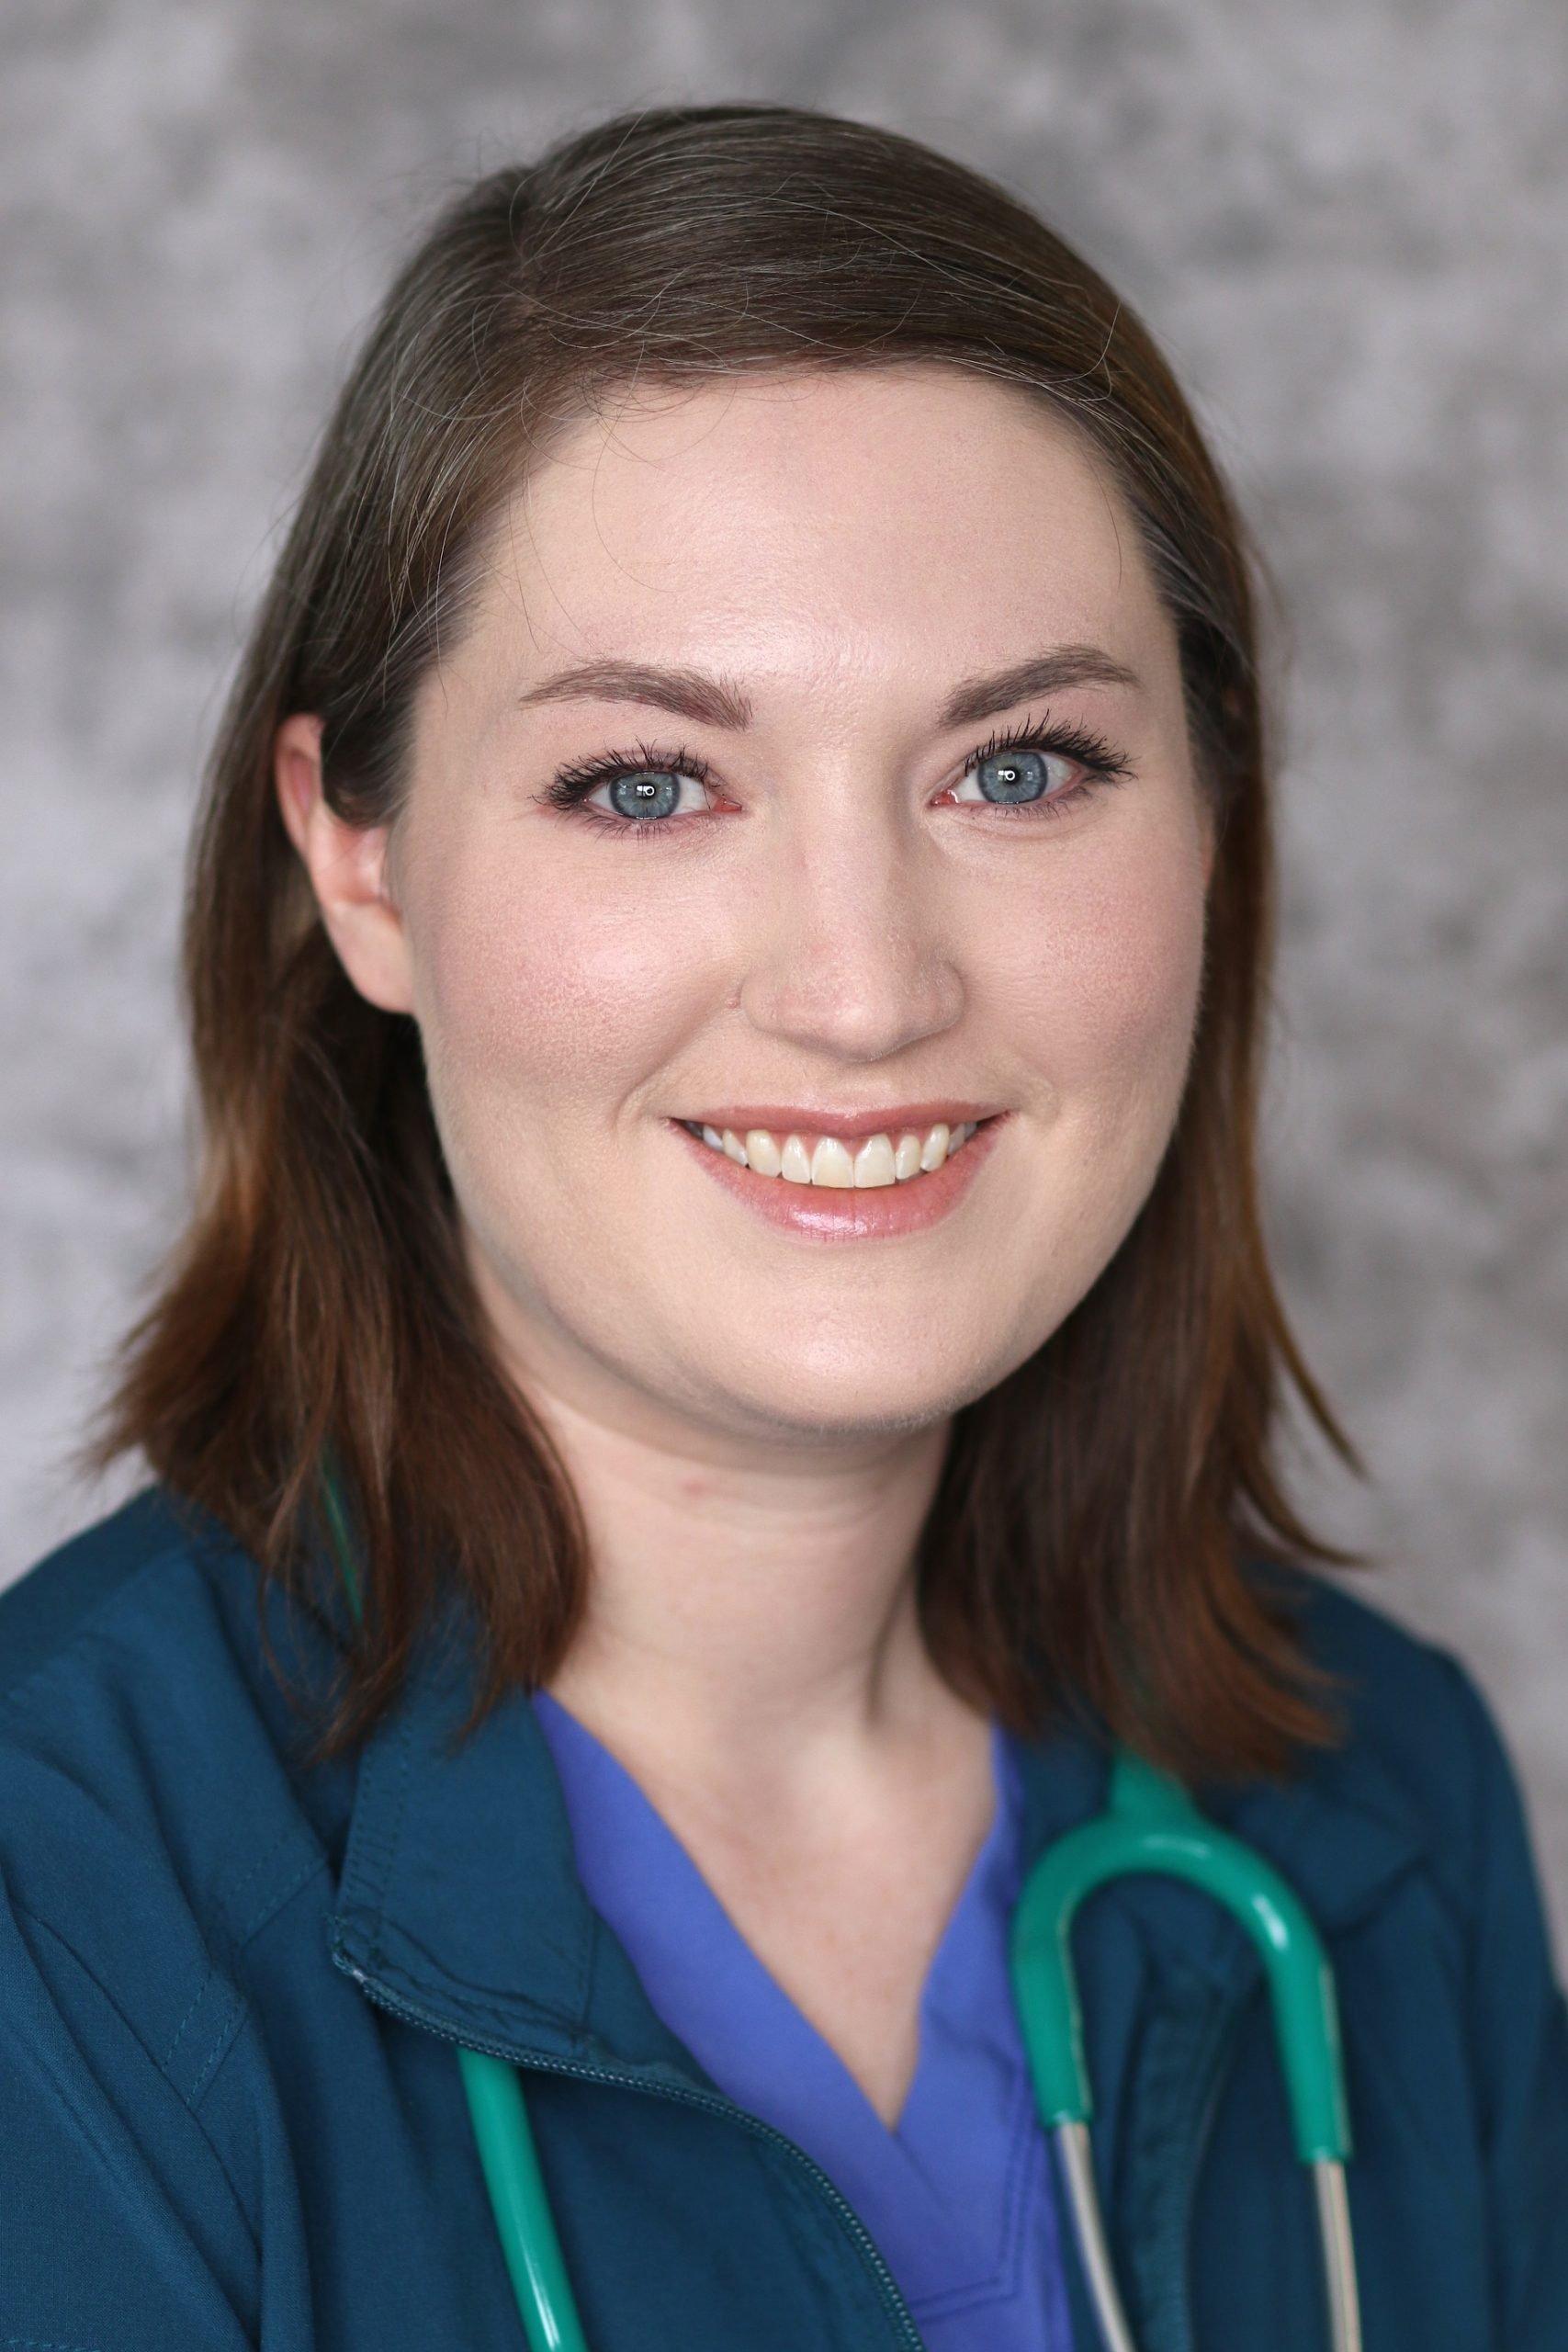 Dr. Lauren Deissler — Veterinarian scaled